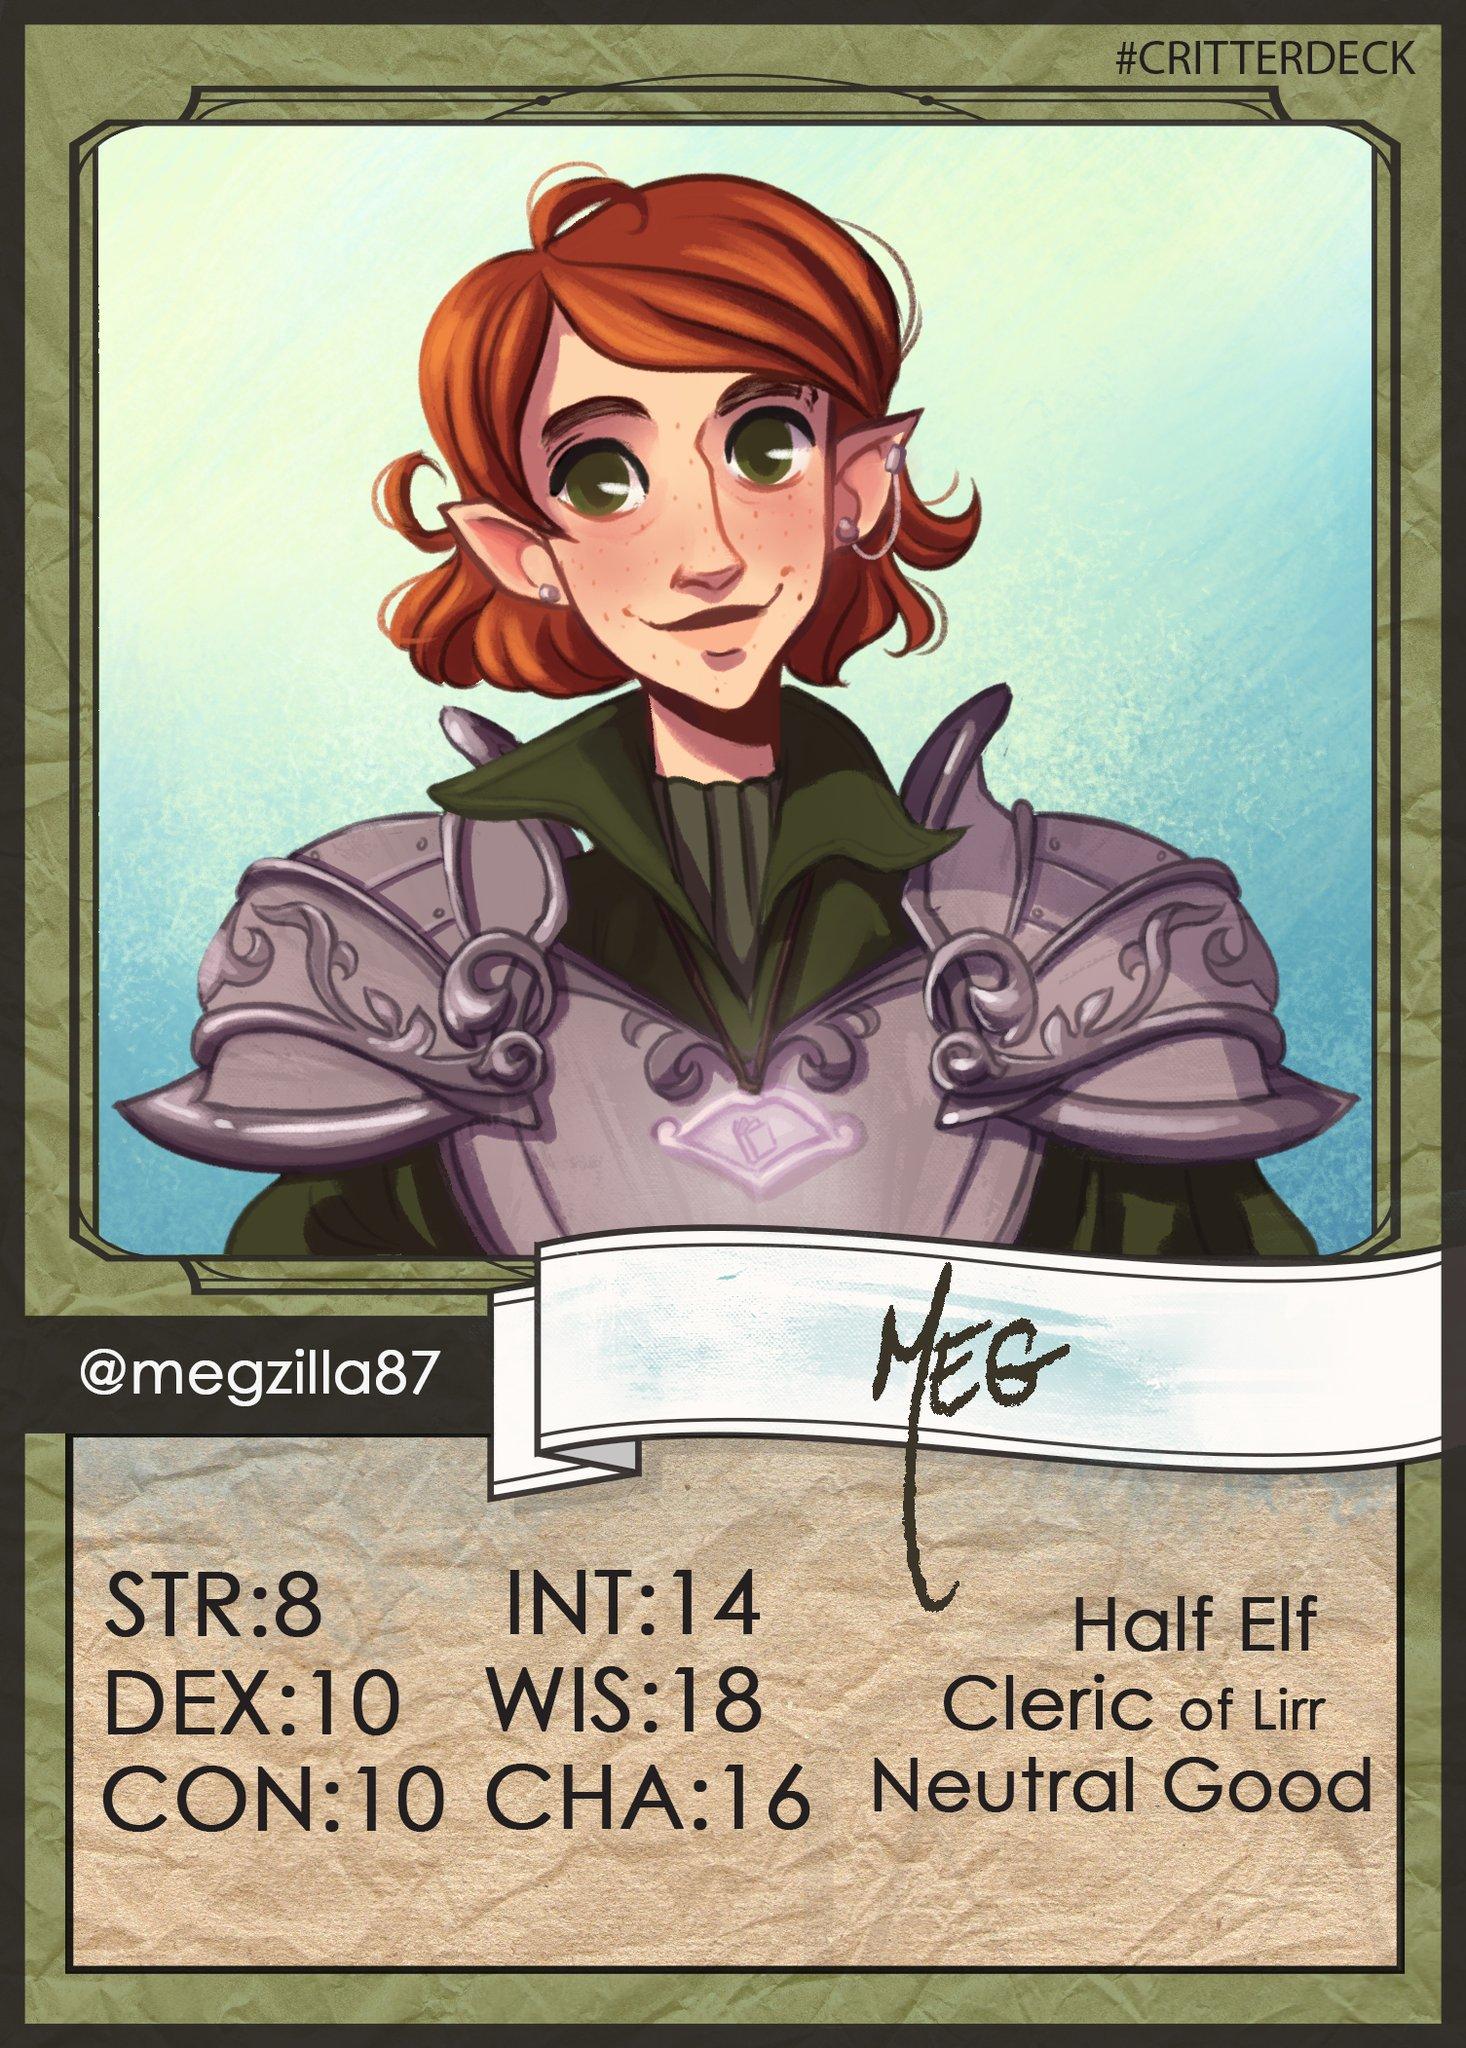 CritterDeck-Card-by-Megzilla87.jpg